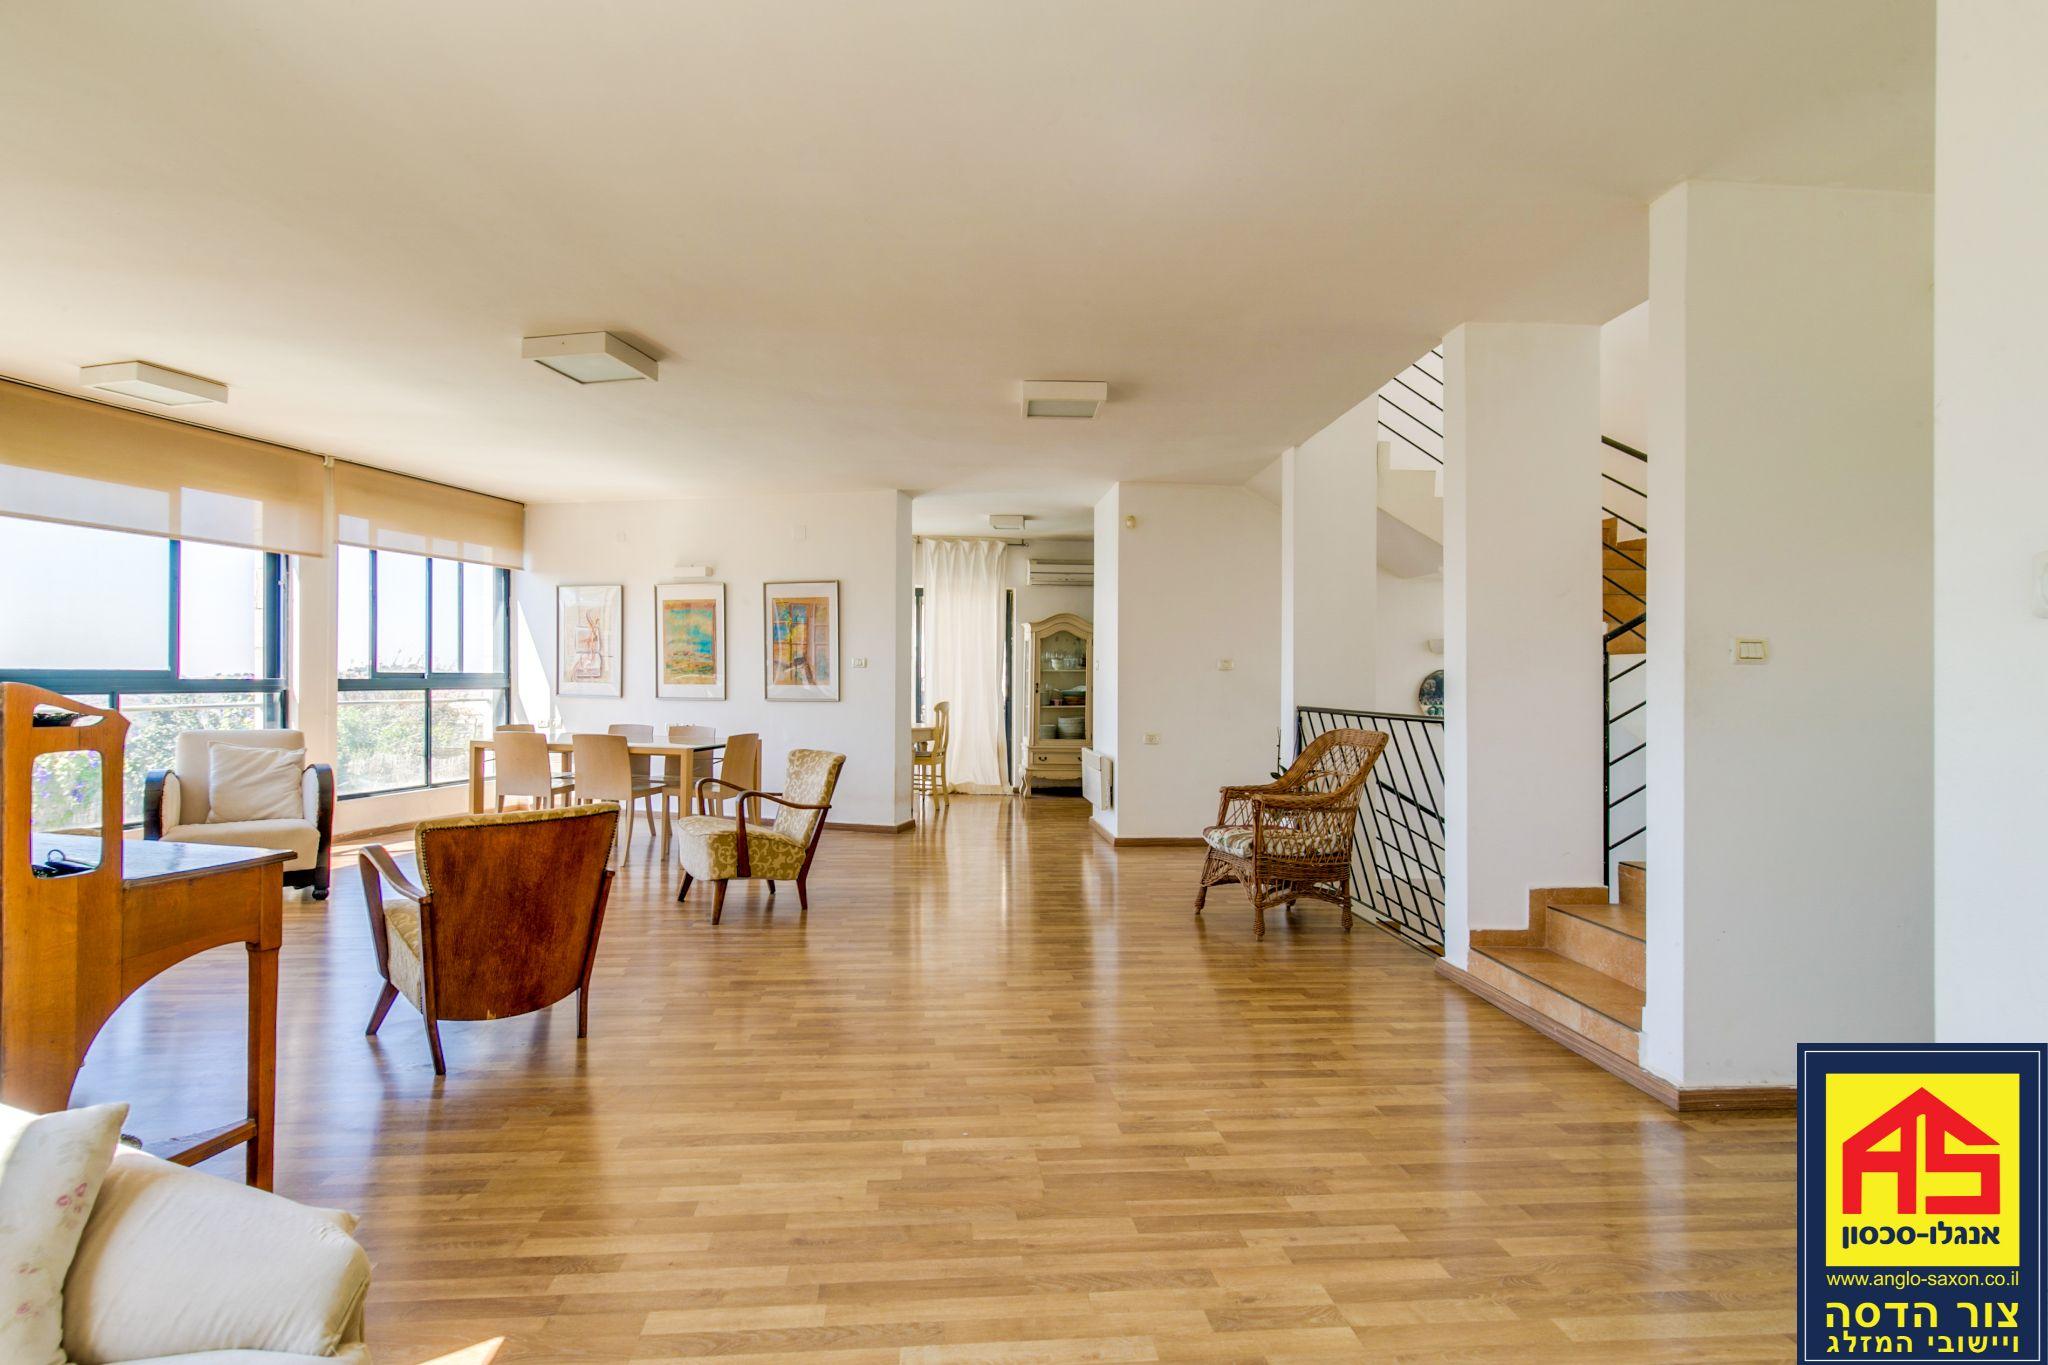 מקורי וילה 6 חדרים בשיטה, המאה, צור הדסה | לוח דירות למכירה - אנגלו סכסון ON-45